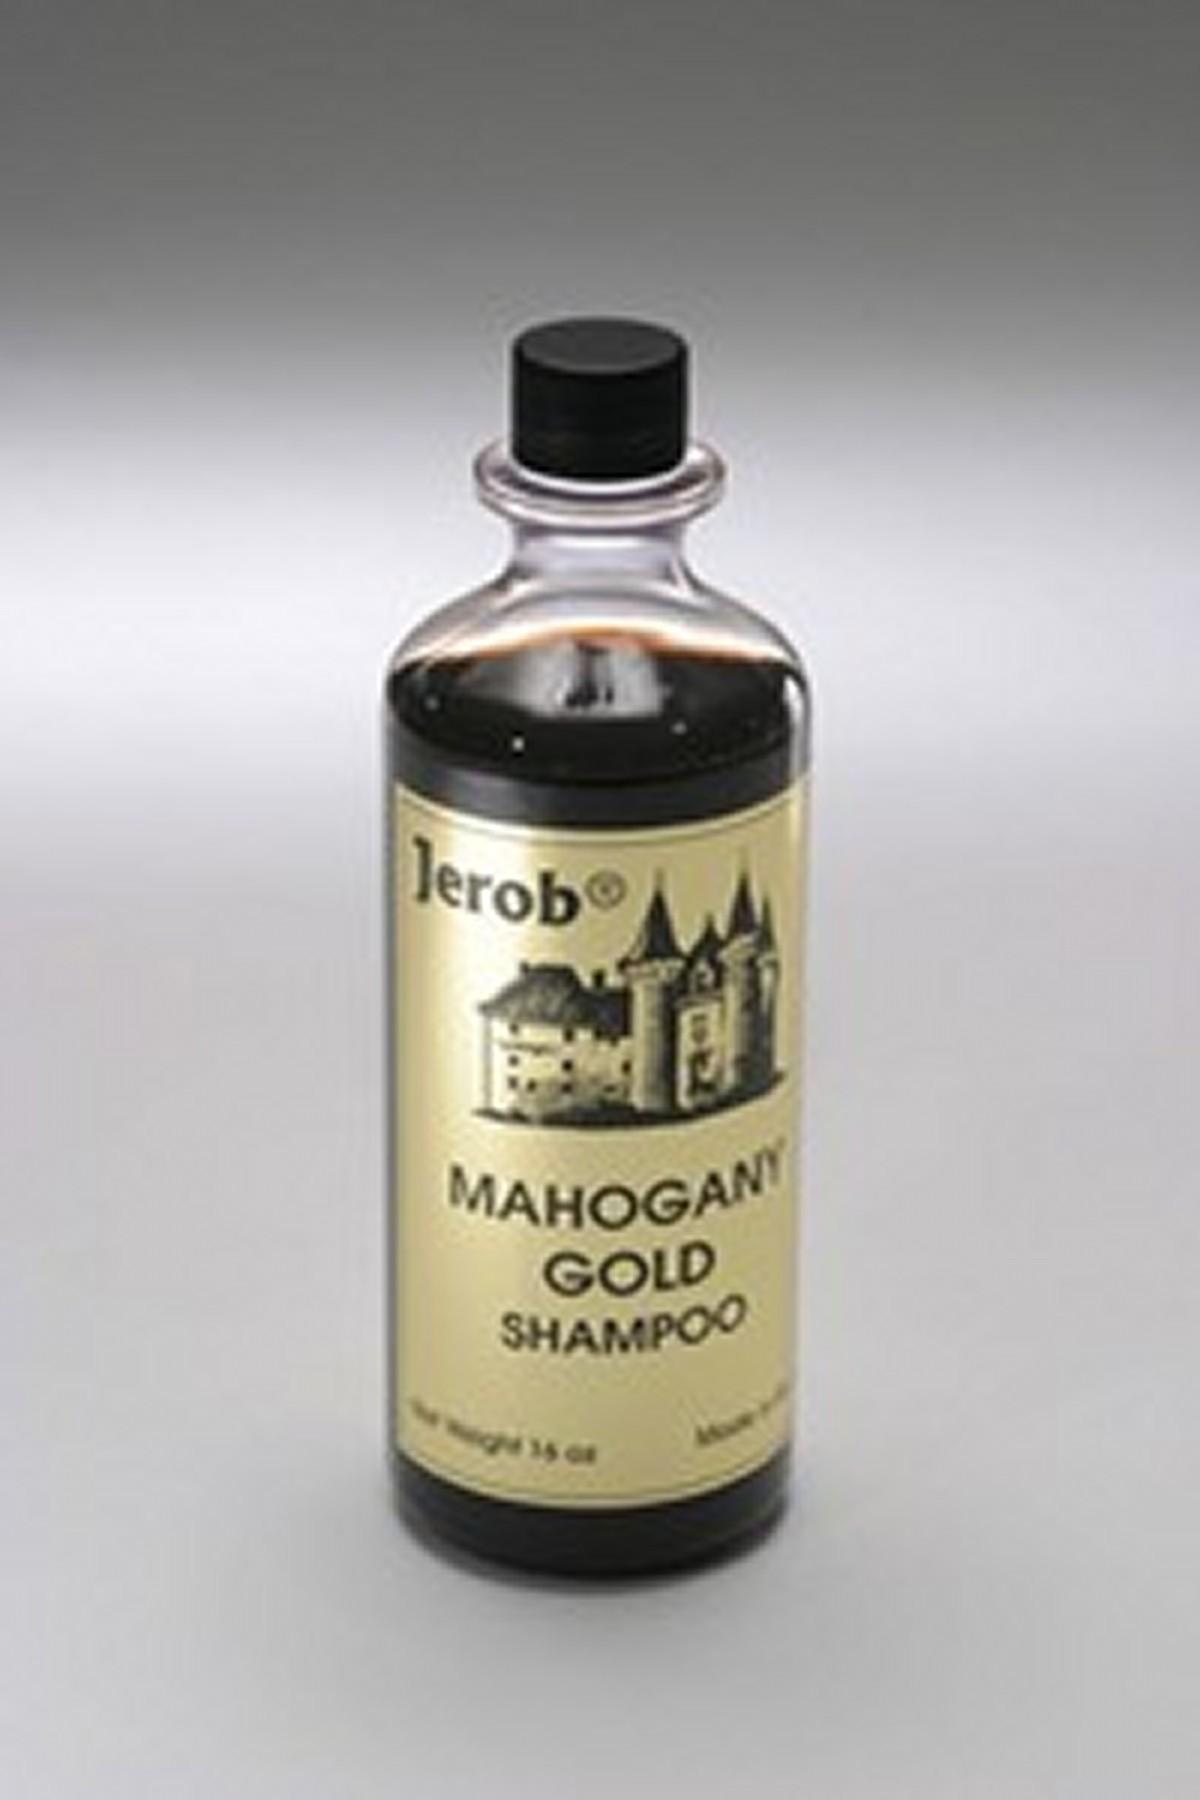 Jerob šampon Mahogany Gold 236 ml